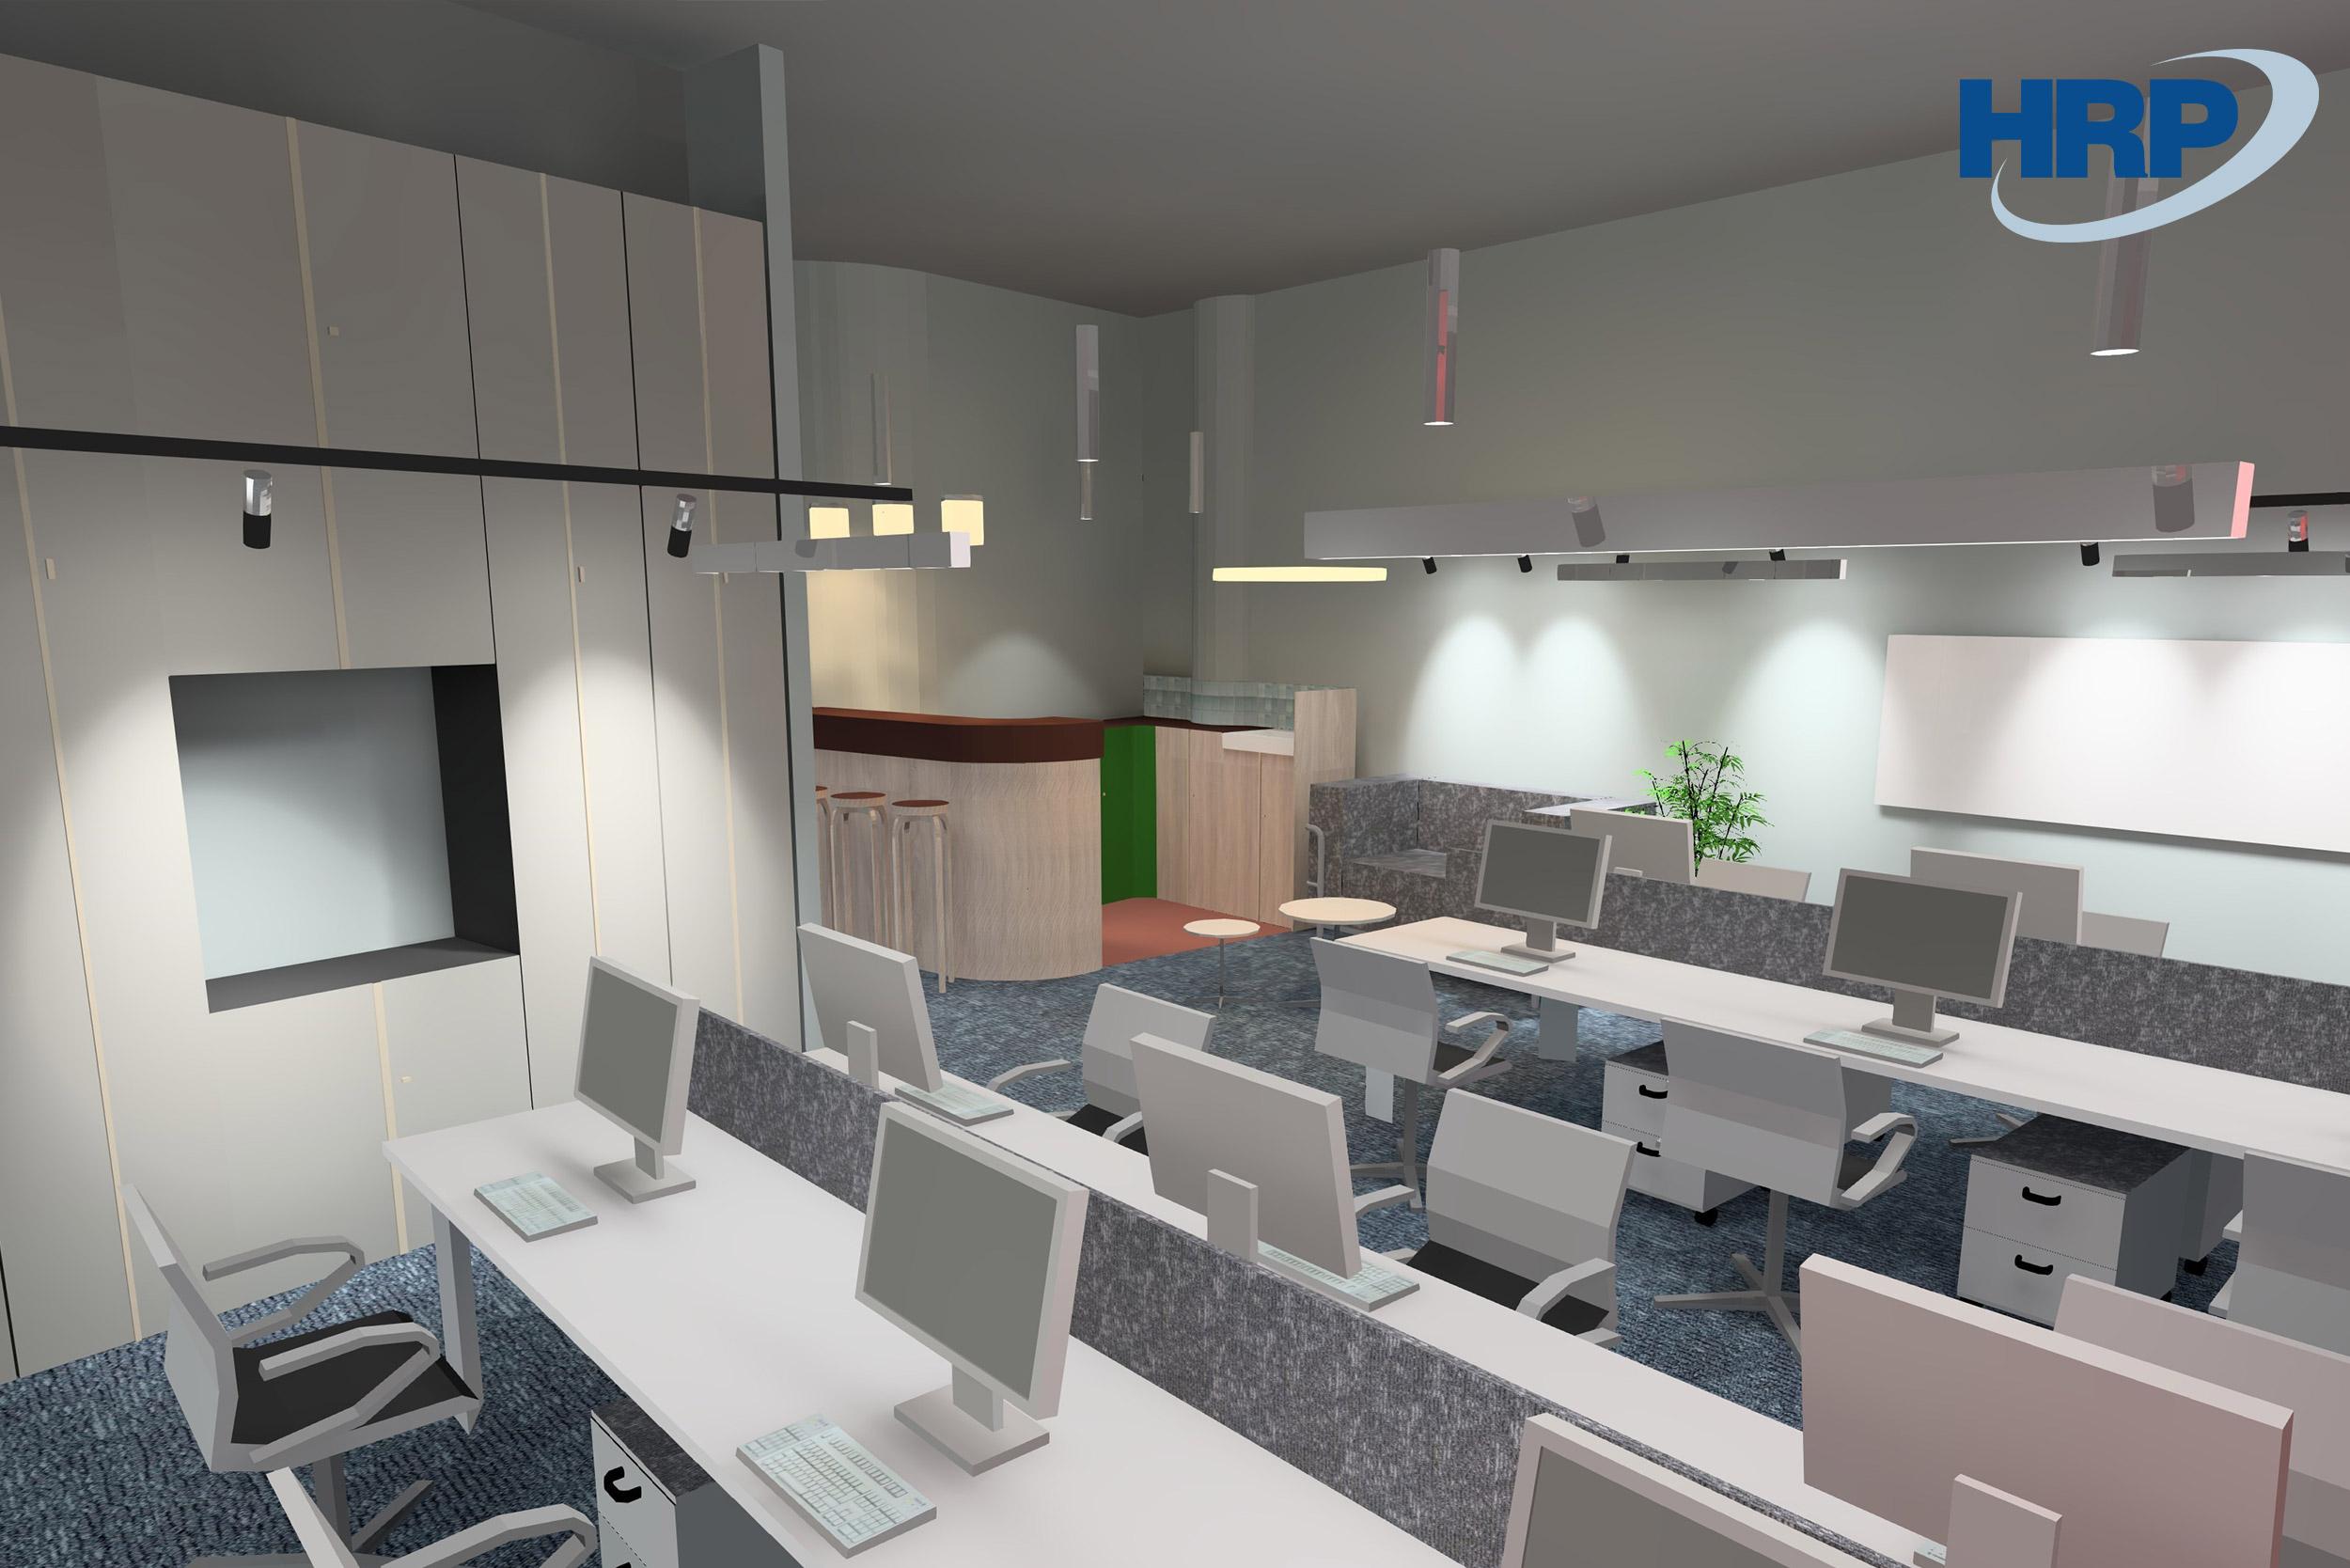 BSR irodai 3D világítástechnikai látványterv